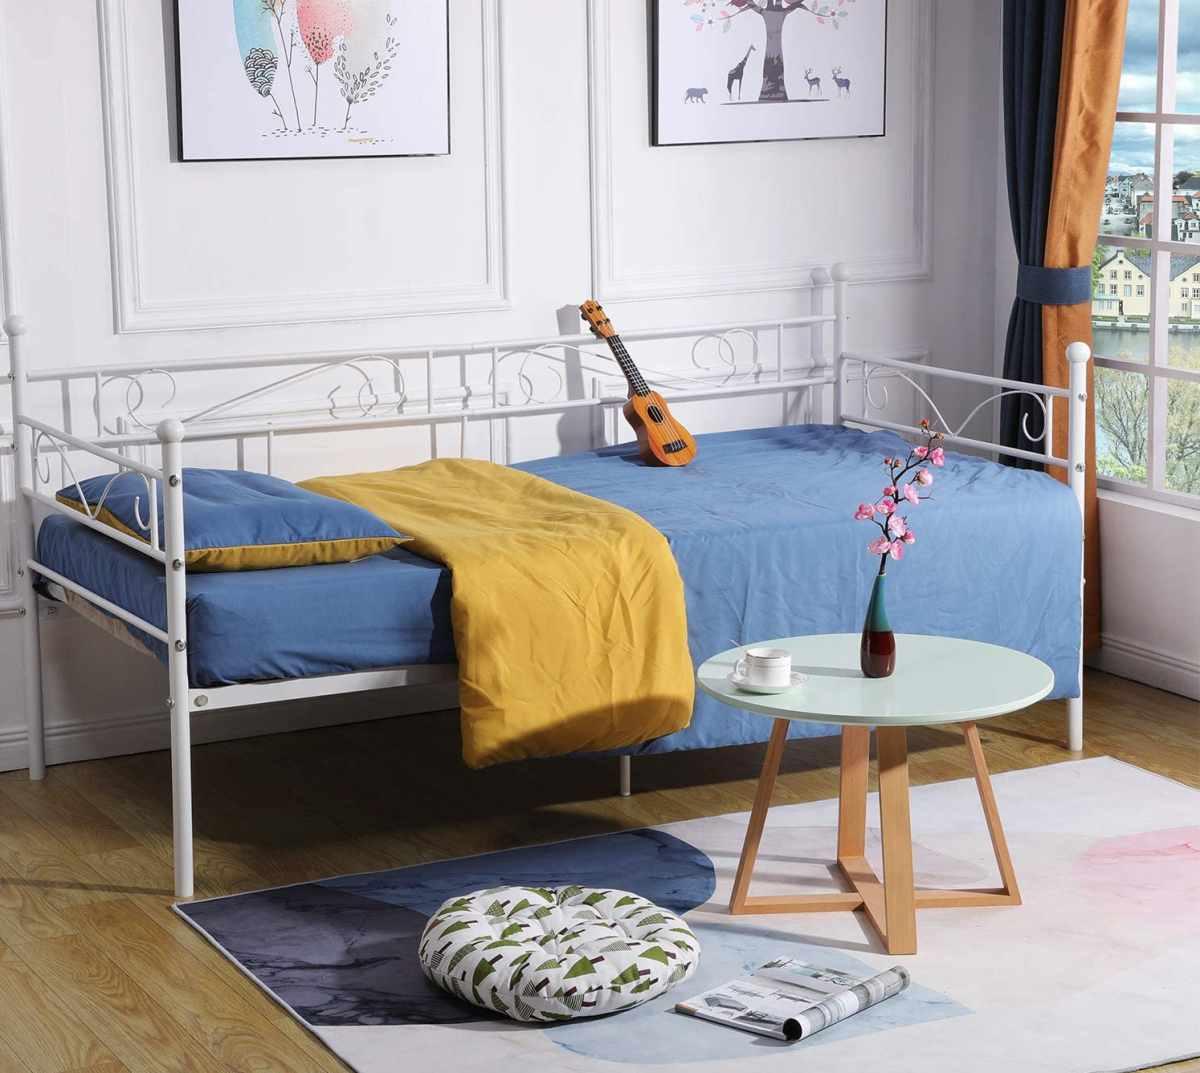 divano-letto-metallo